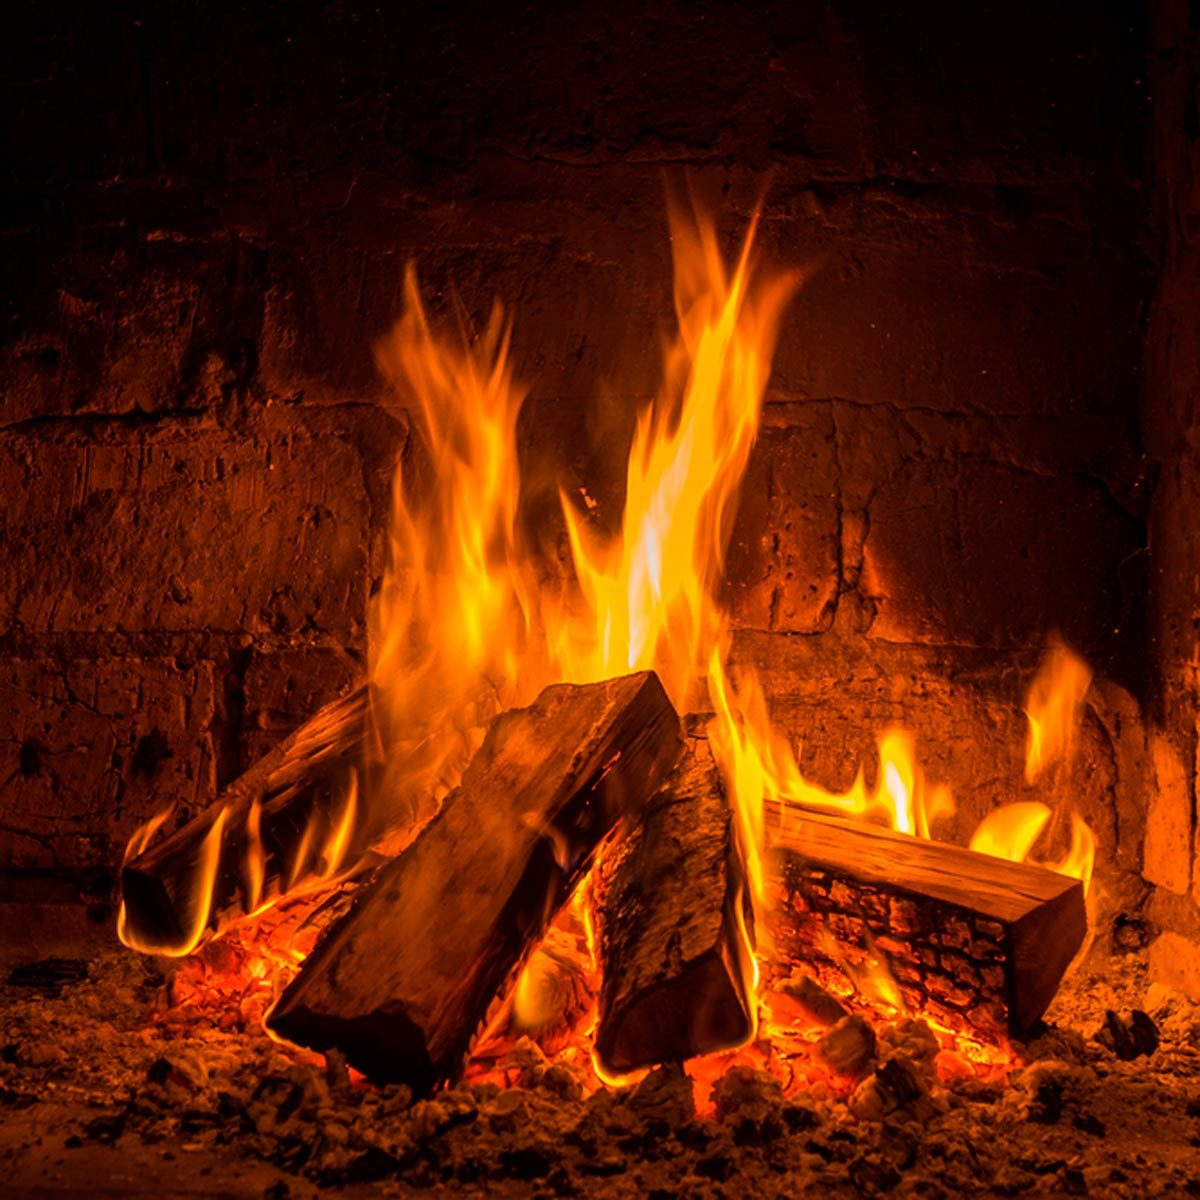 fire accelerants